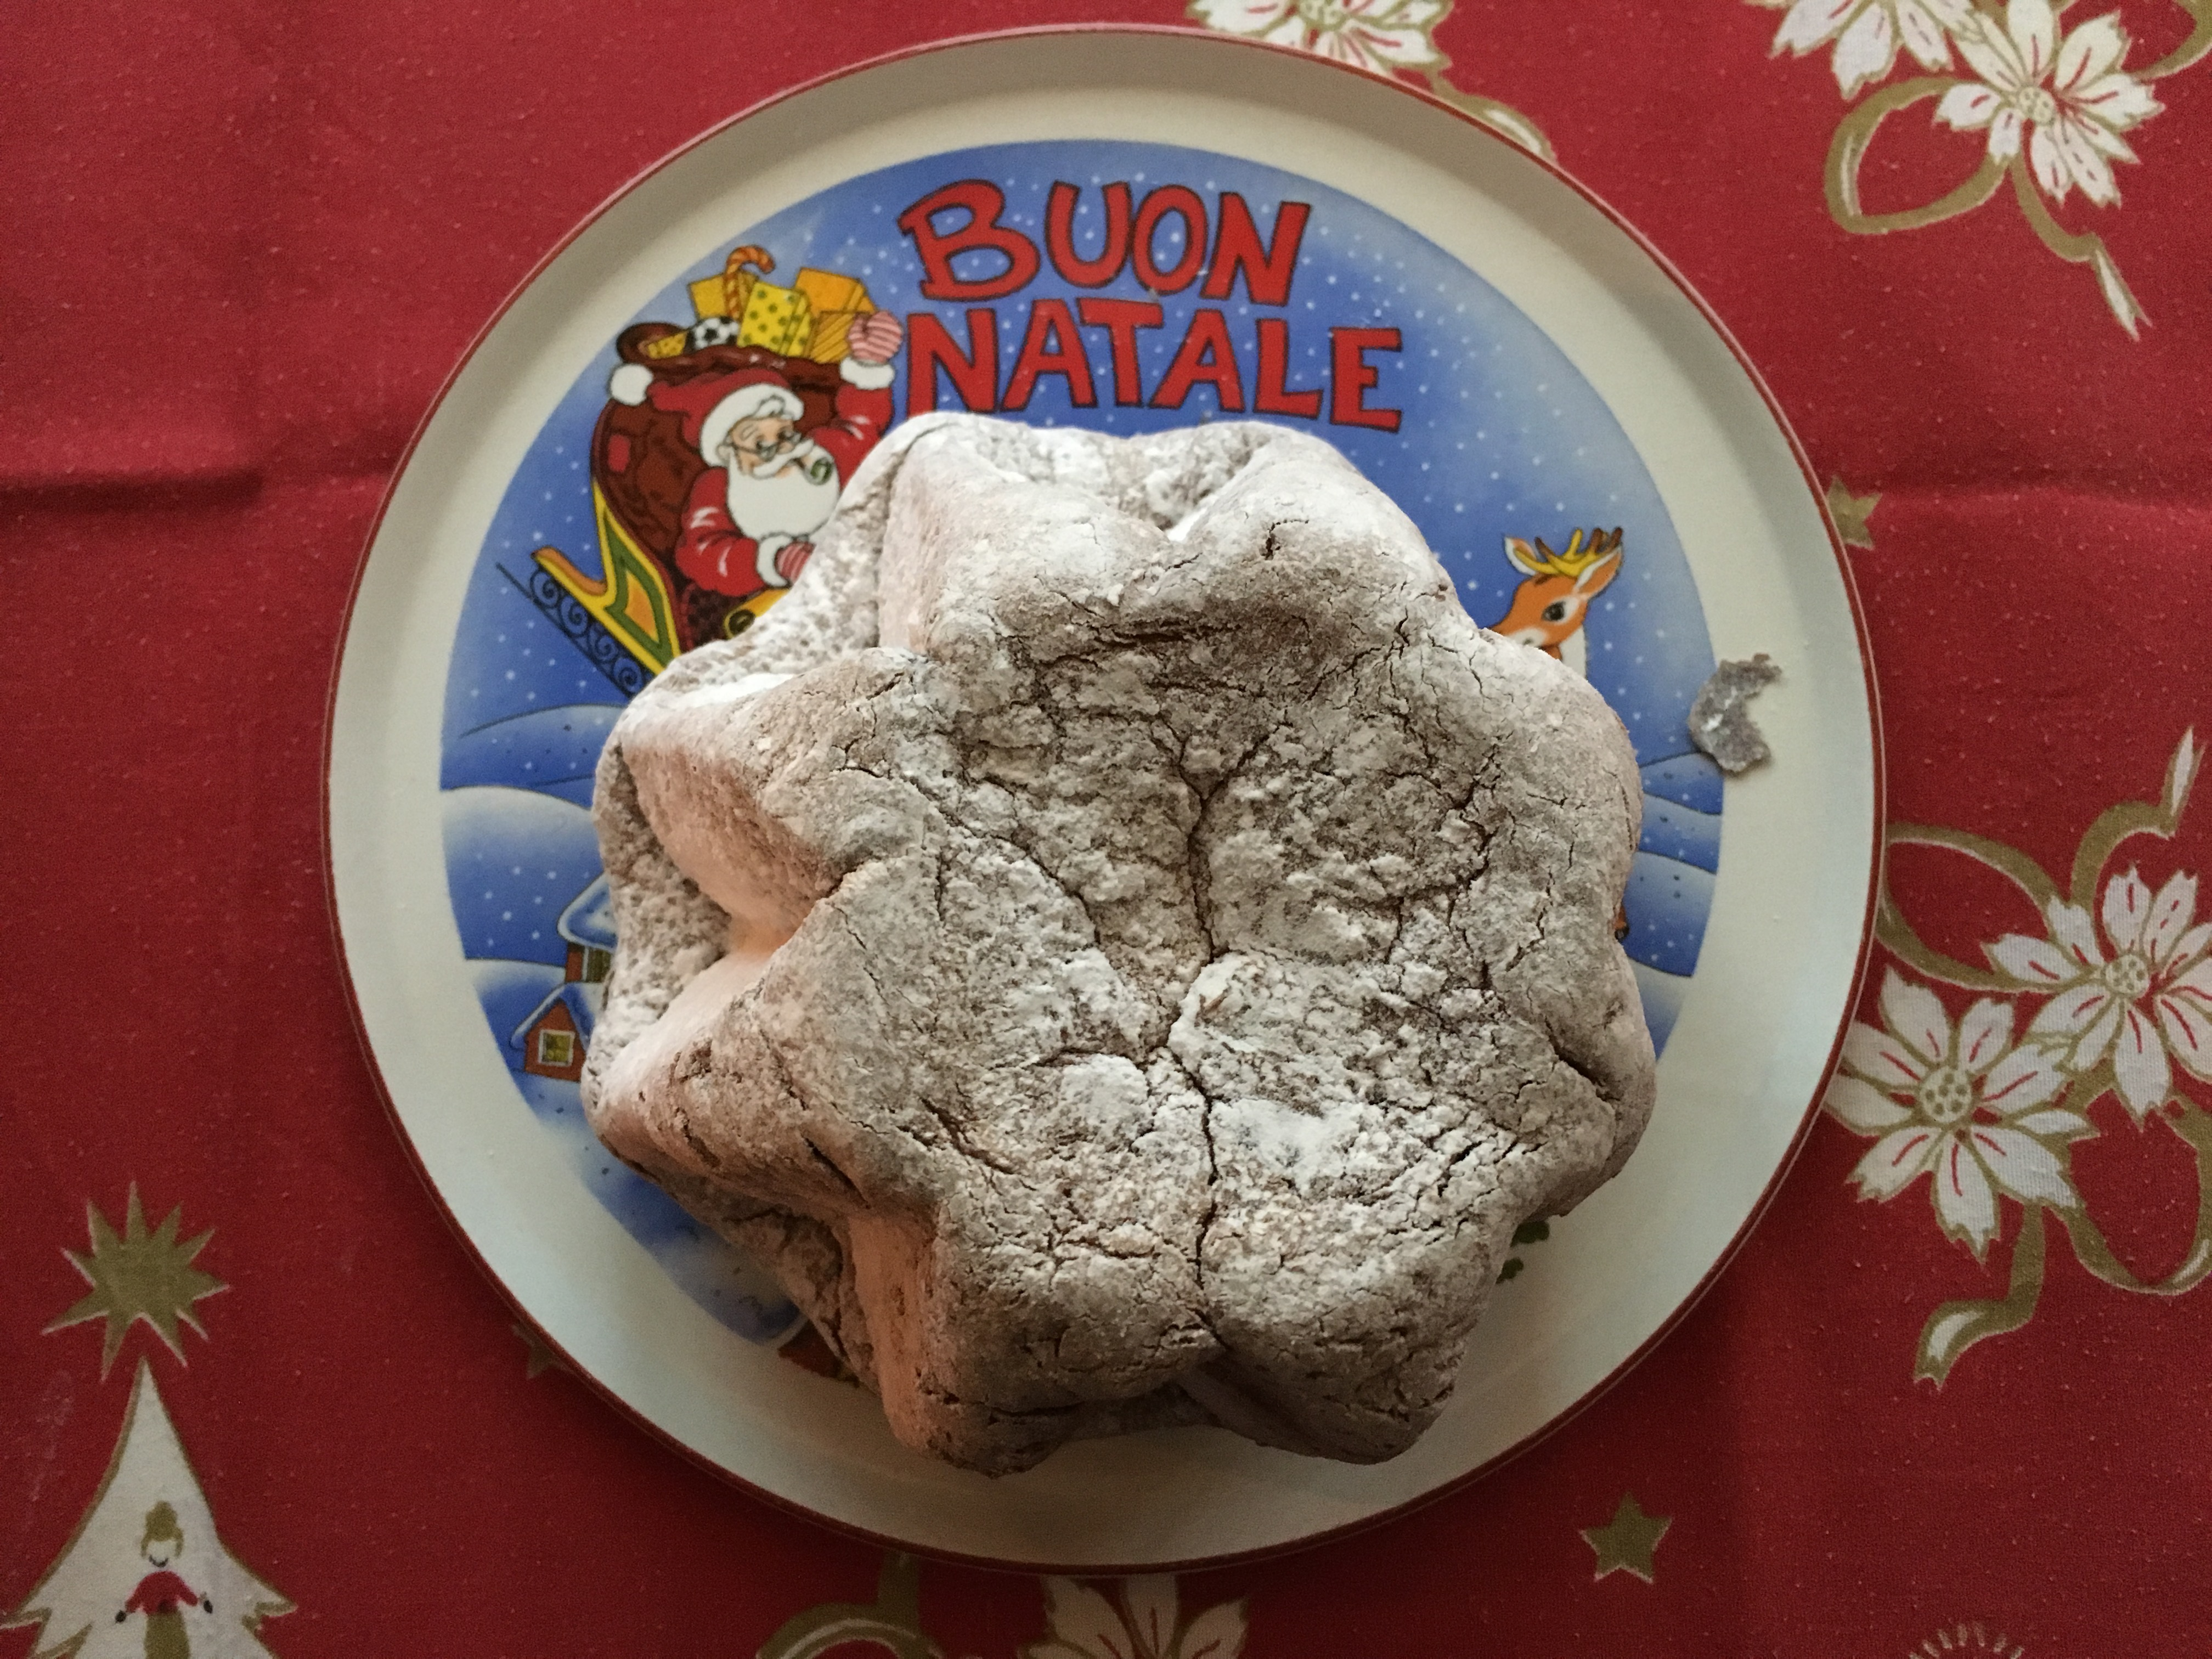 lifestyle-italienisches-weihnachtsessen-essen-weihnachten-heiligabend-weihnachtsmenue-9